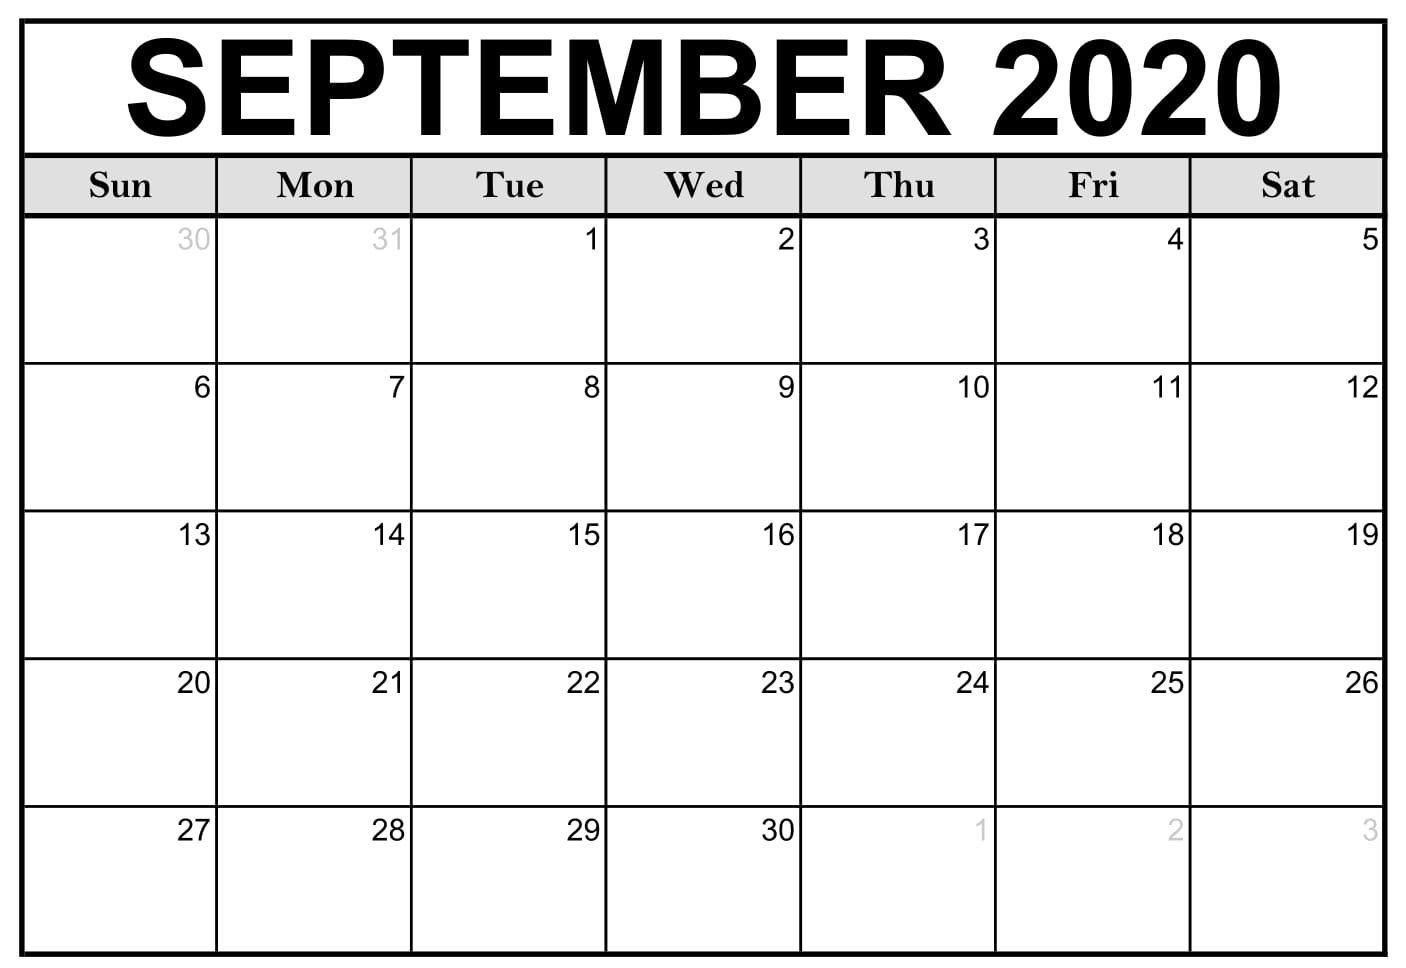 September 2020 Calendar Printable Waterproof | Free within Waterproof Calendars Printable 2021